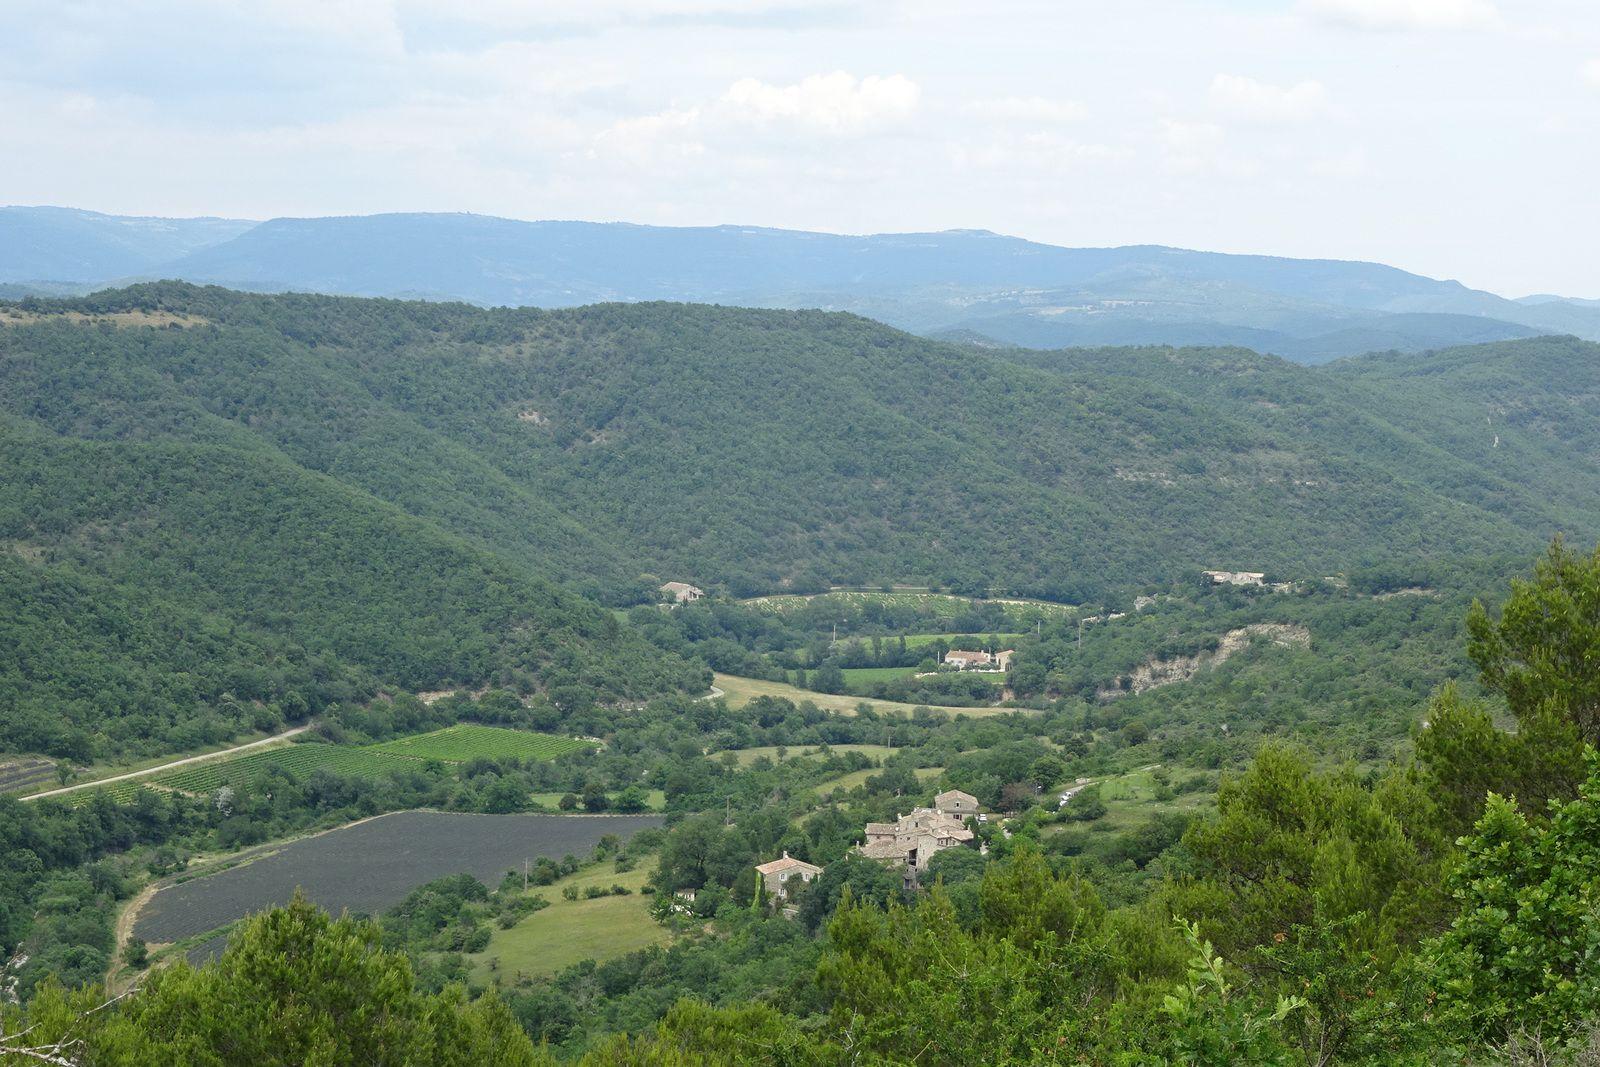 Lorsqu'on découvre ce paysage après une bonne montée, nous avons l'impression d'être en altitude mais le GPS indique 300 mètres !